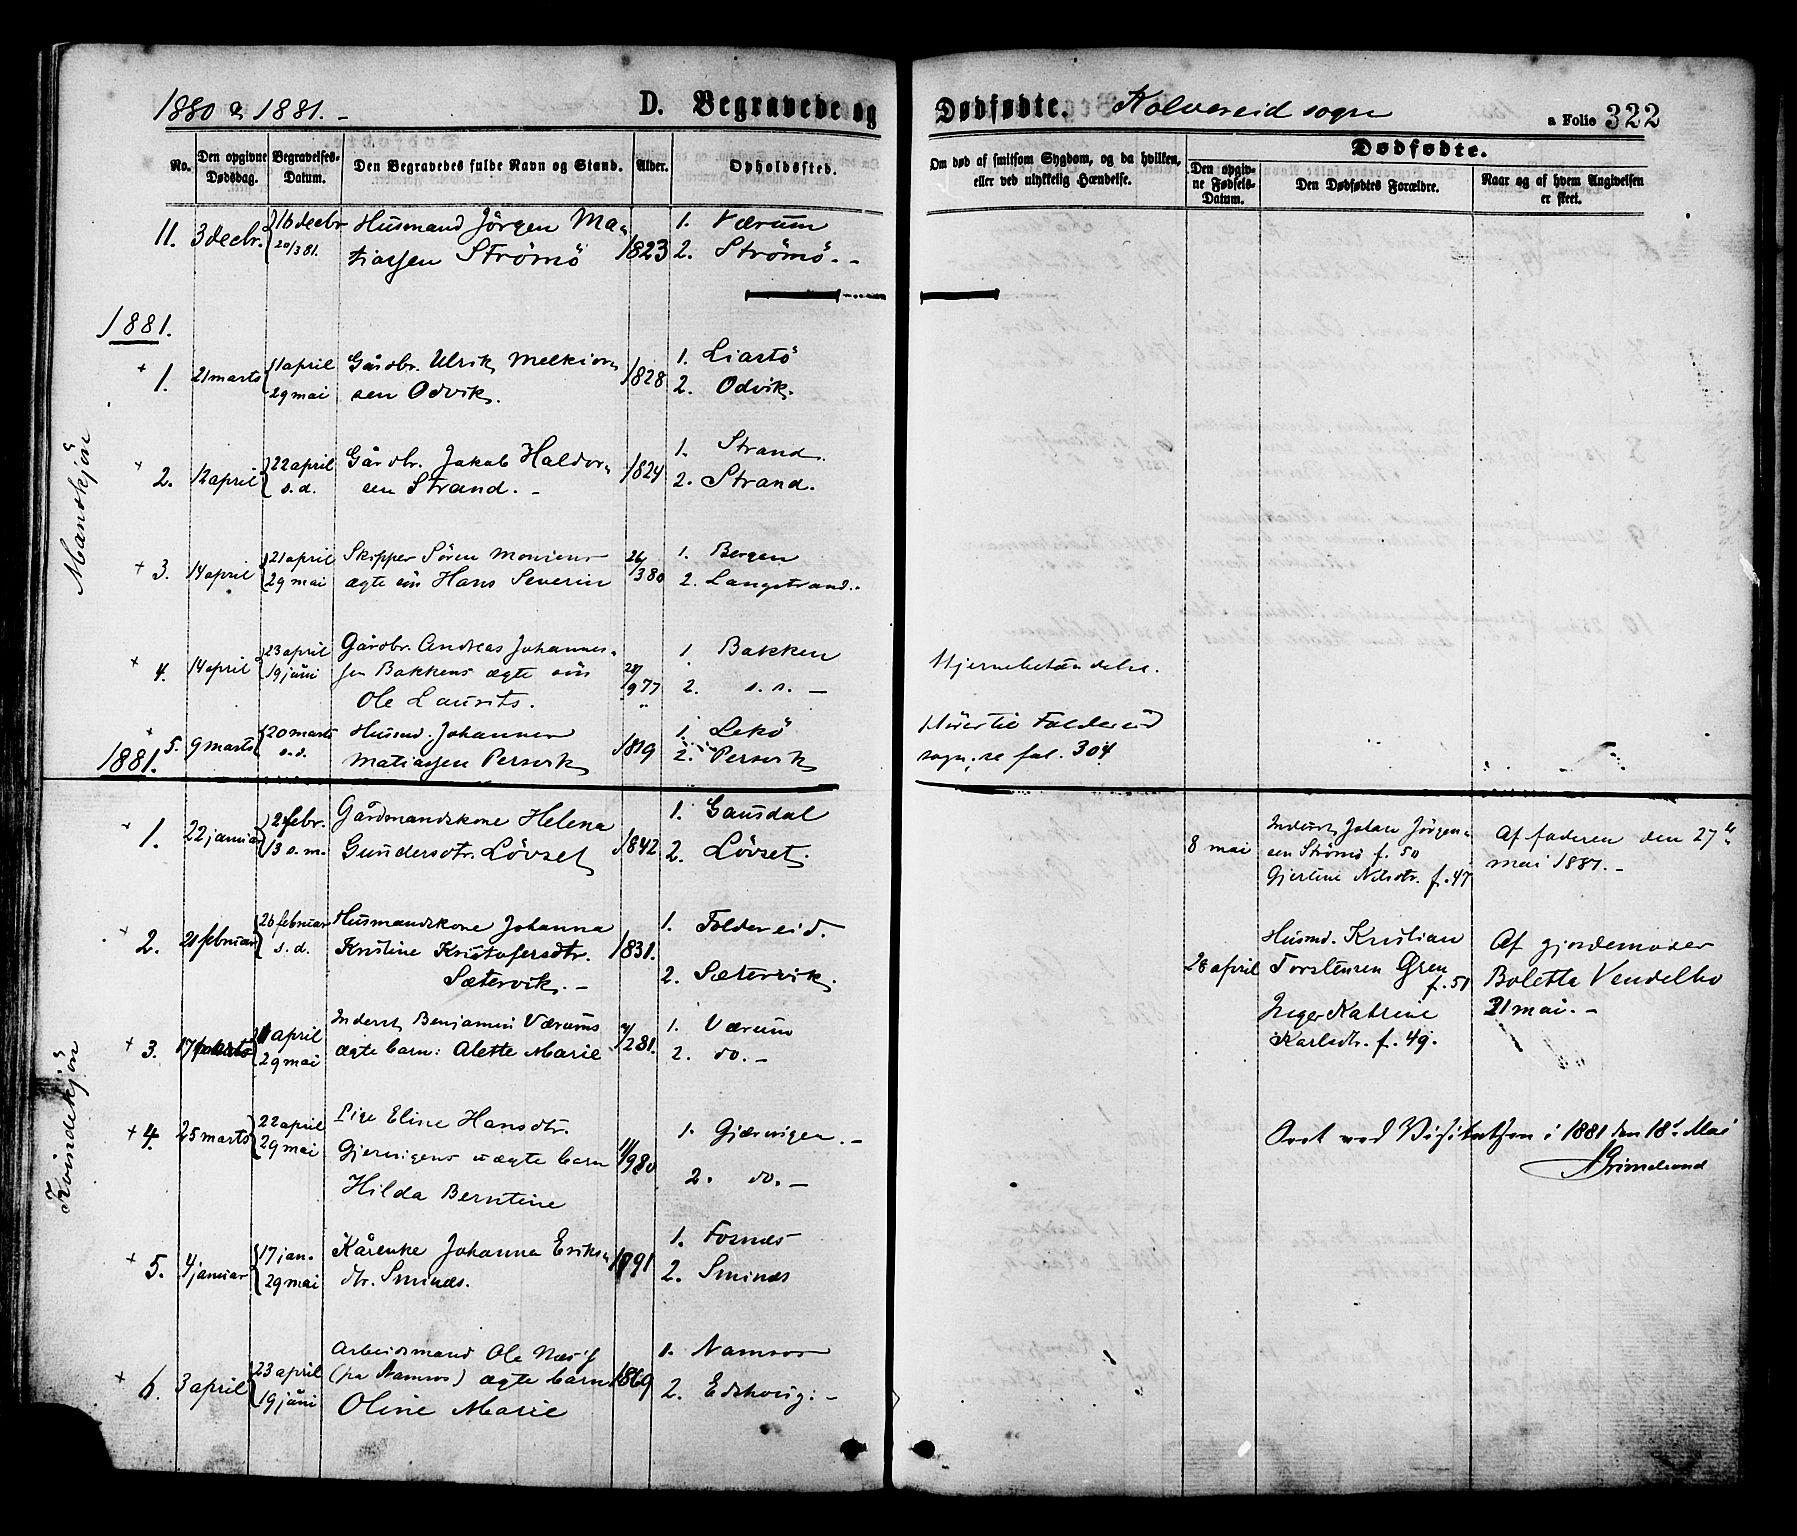 SAT, Ministerialprotokoller, klokkerbøker og fødselsregistre - Nord-Trøndelag, 780/L0642: Ministerialbok nr. 780A07 /1, 1874-1885, s. 322